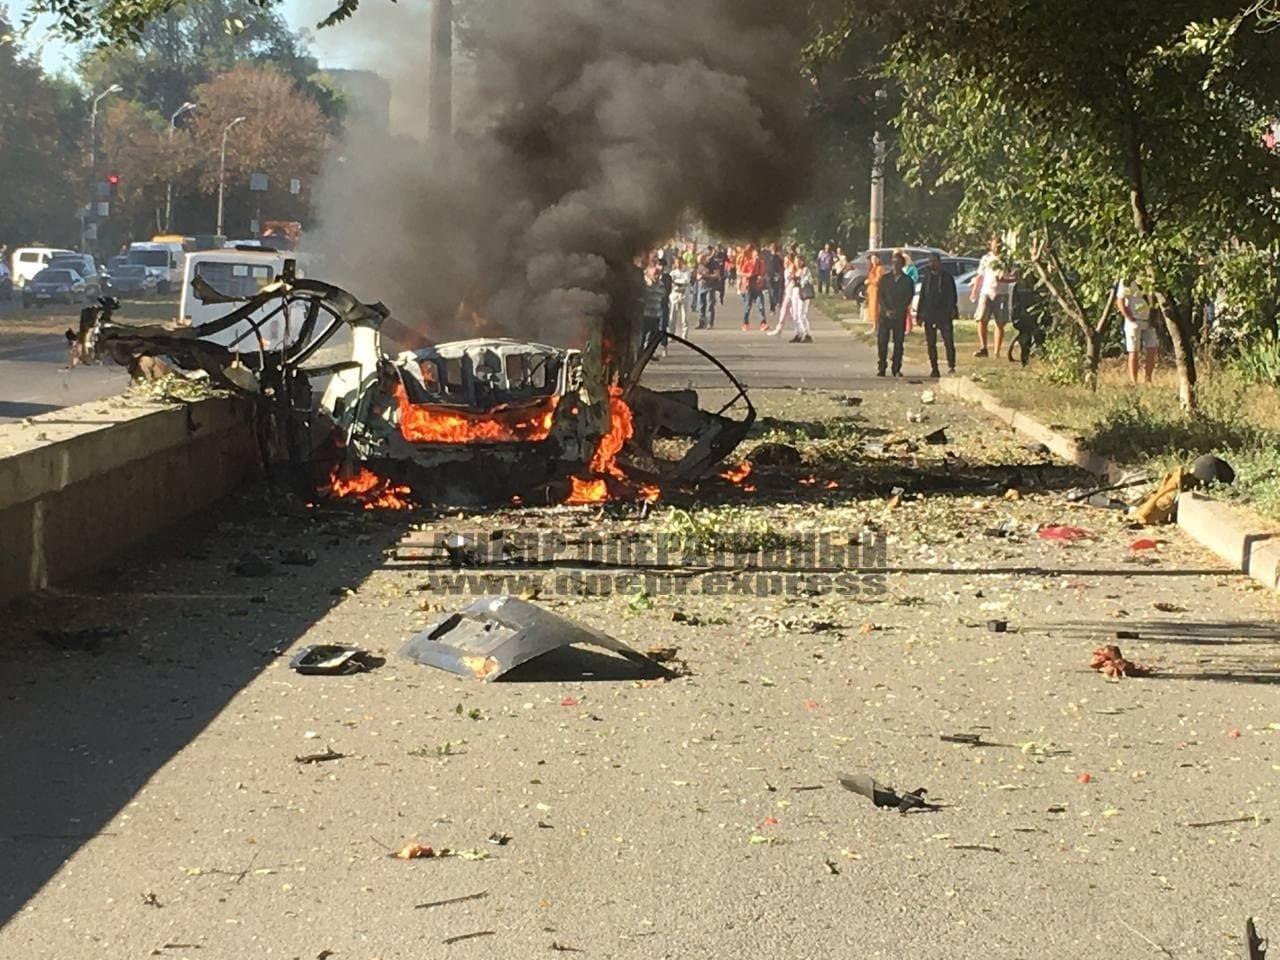 В Днепре от взрыва автомобиль разорвало на части, погибли 2 человека, - ФОТО, фото-1